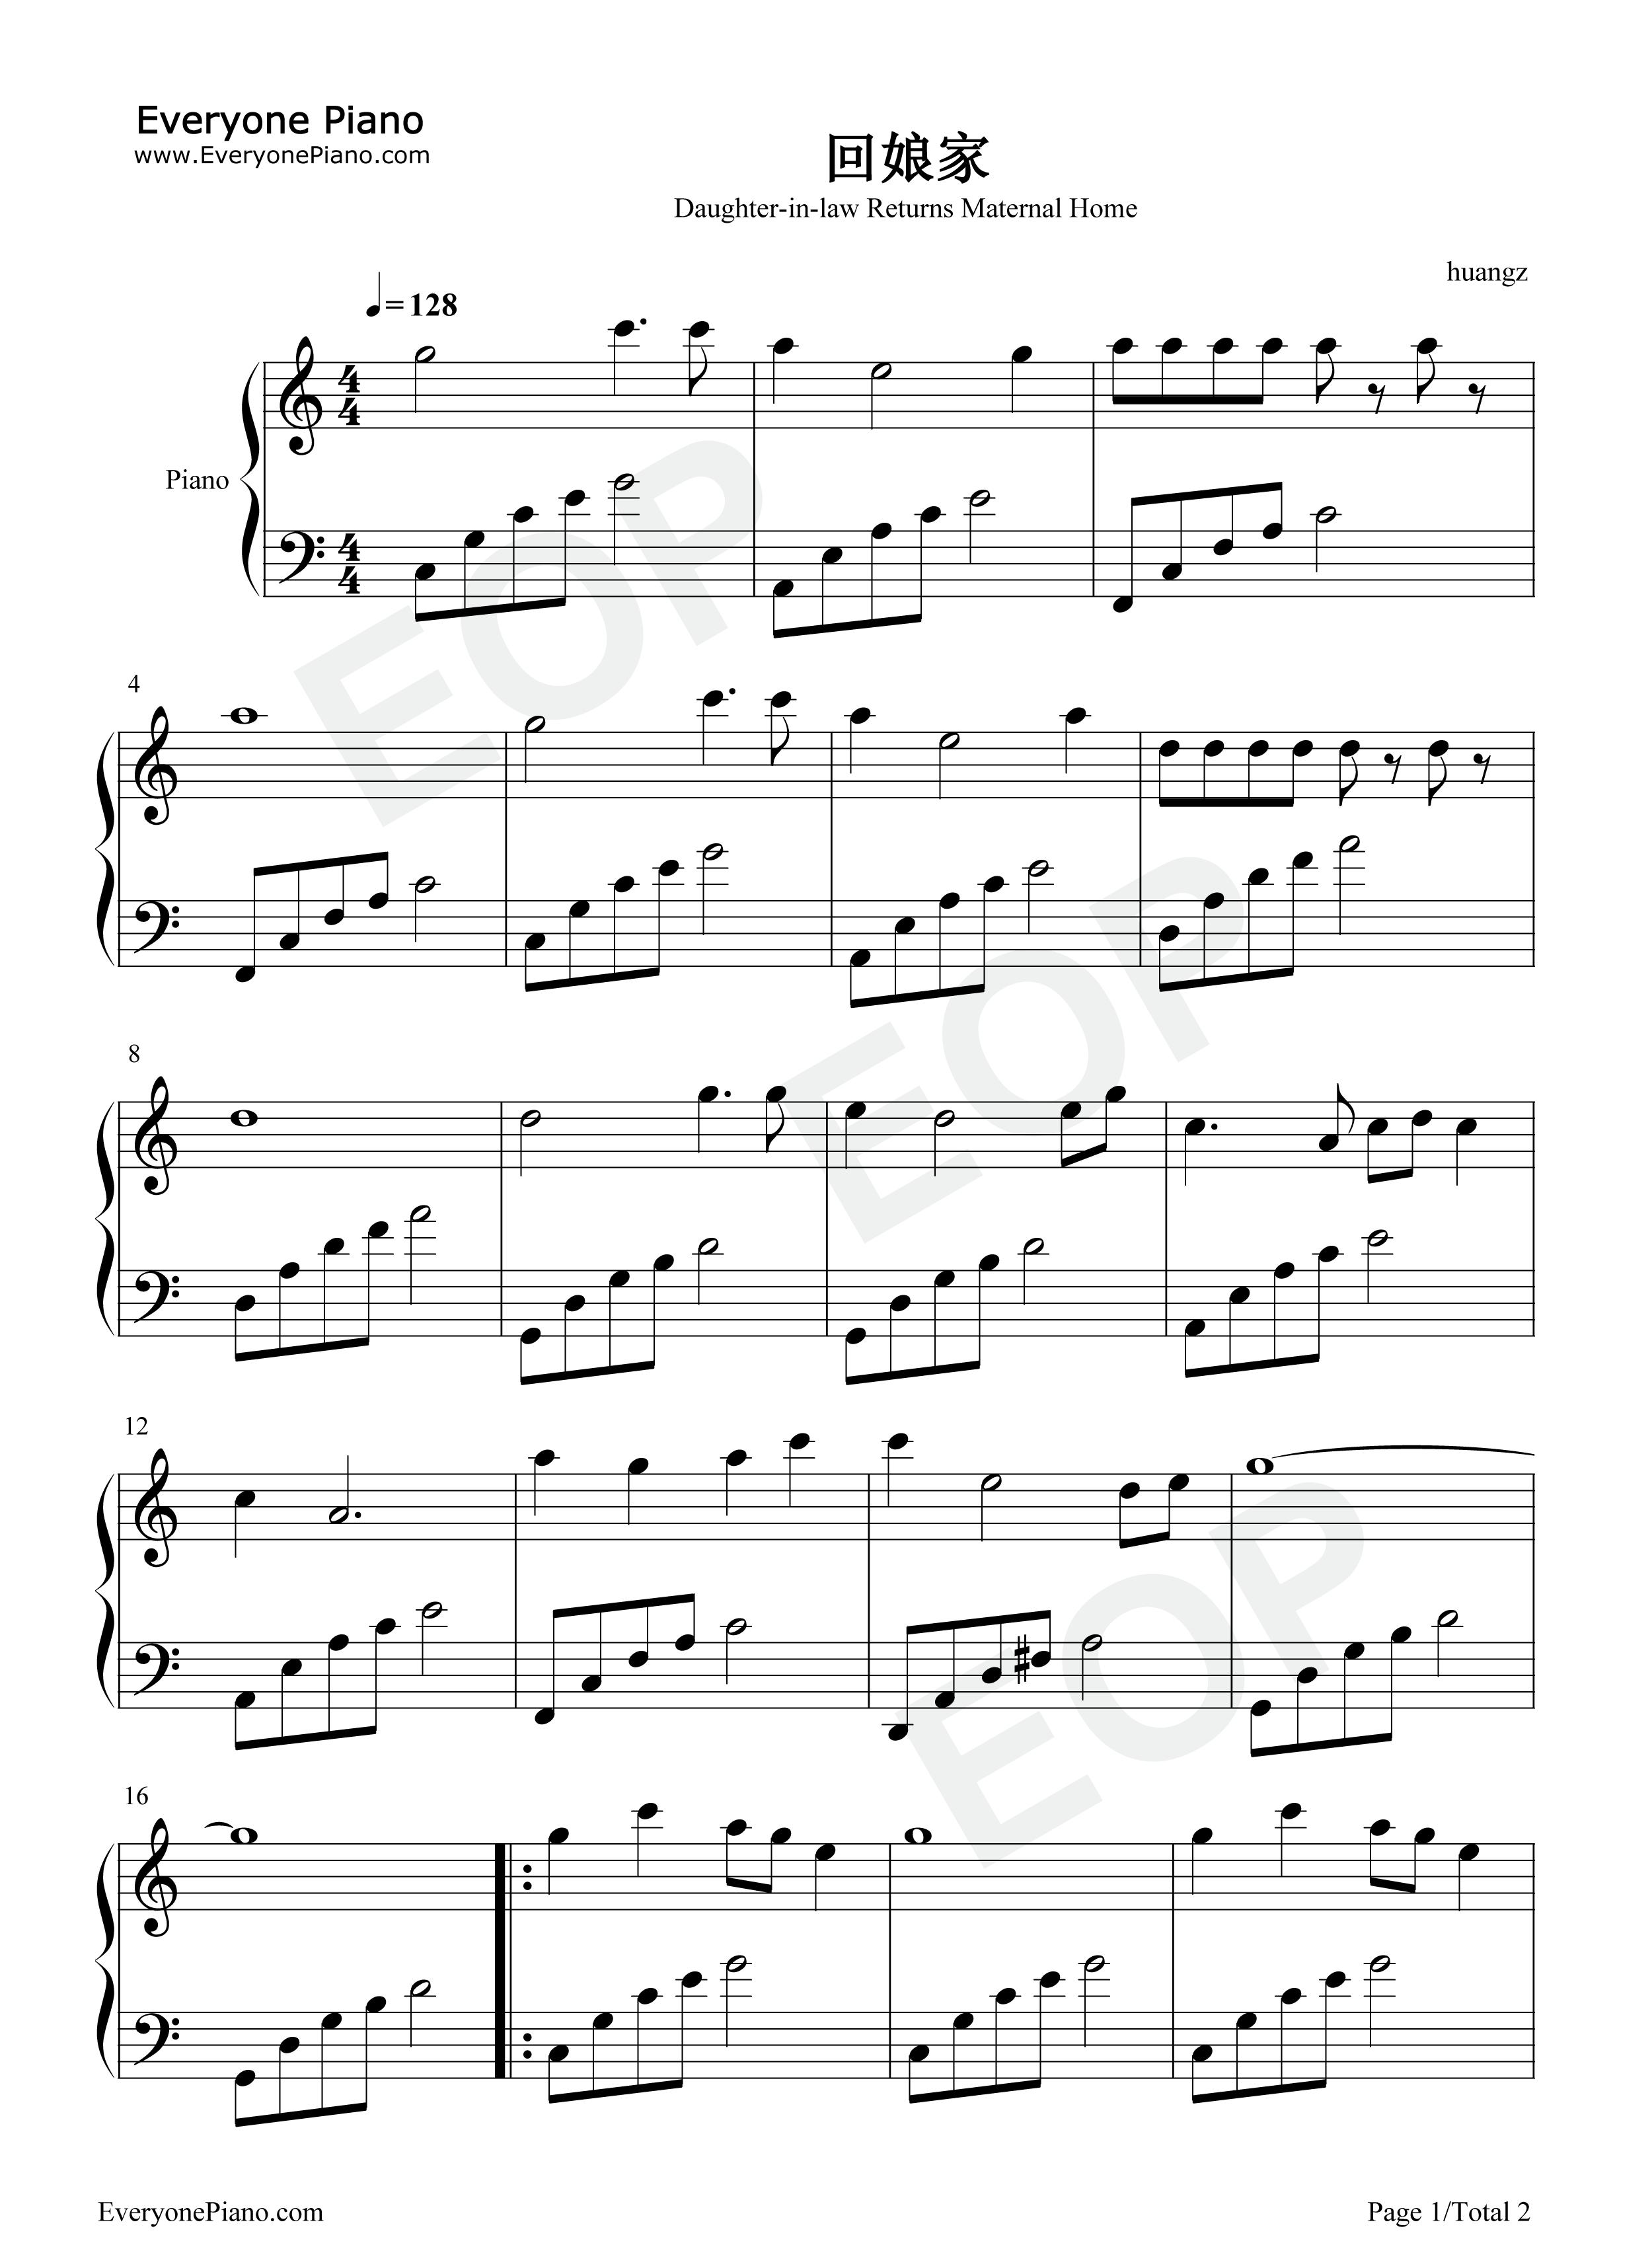 钢琴曲谱 民乐 回娘家-邓丽君 回娘家-邓丽君五线谱预览1  }  仅供